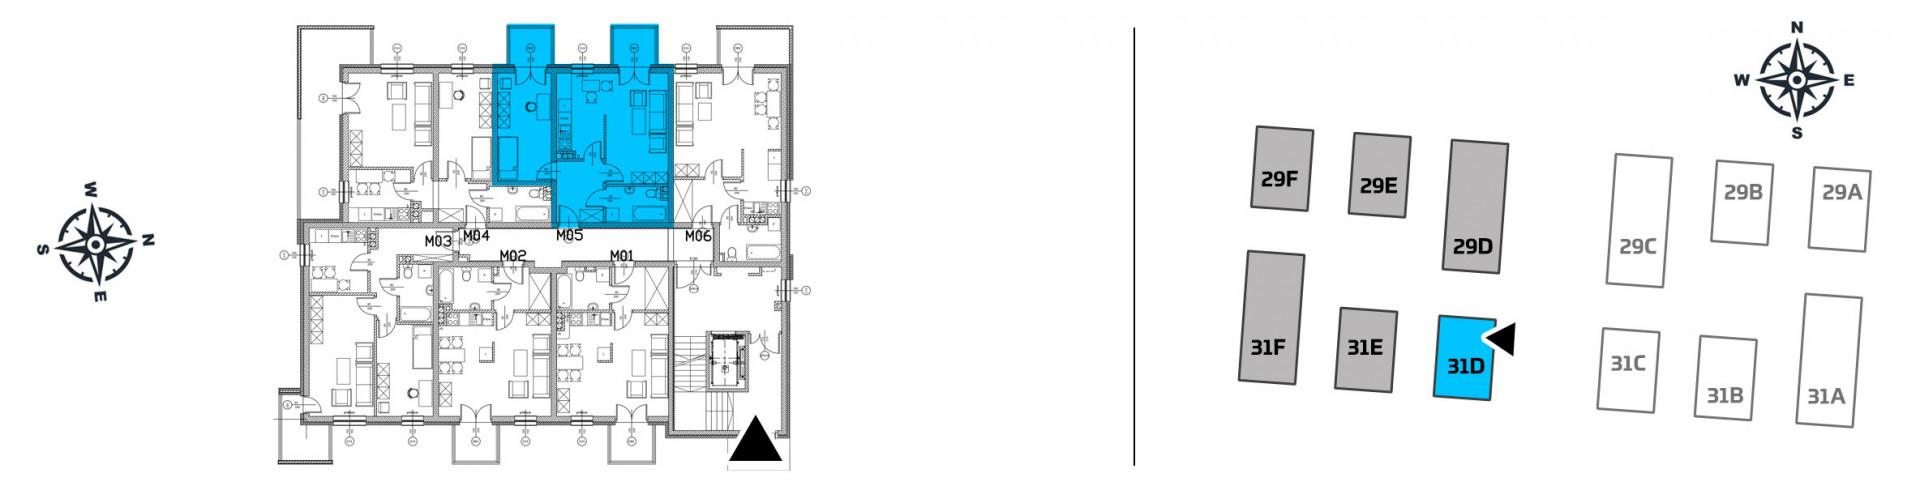 Mieszkanie dwupokojowe 31D/5 rzut 2